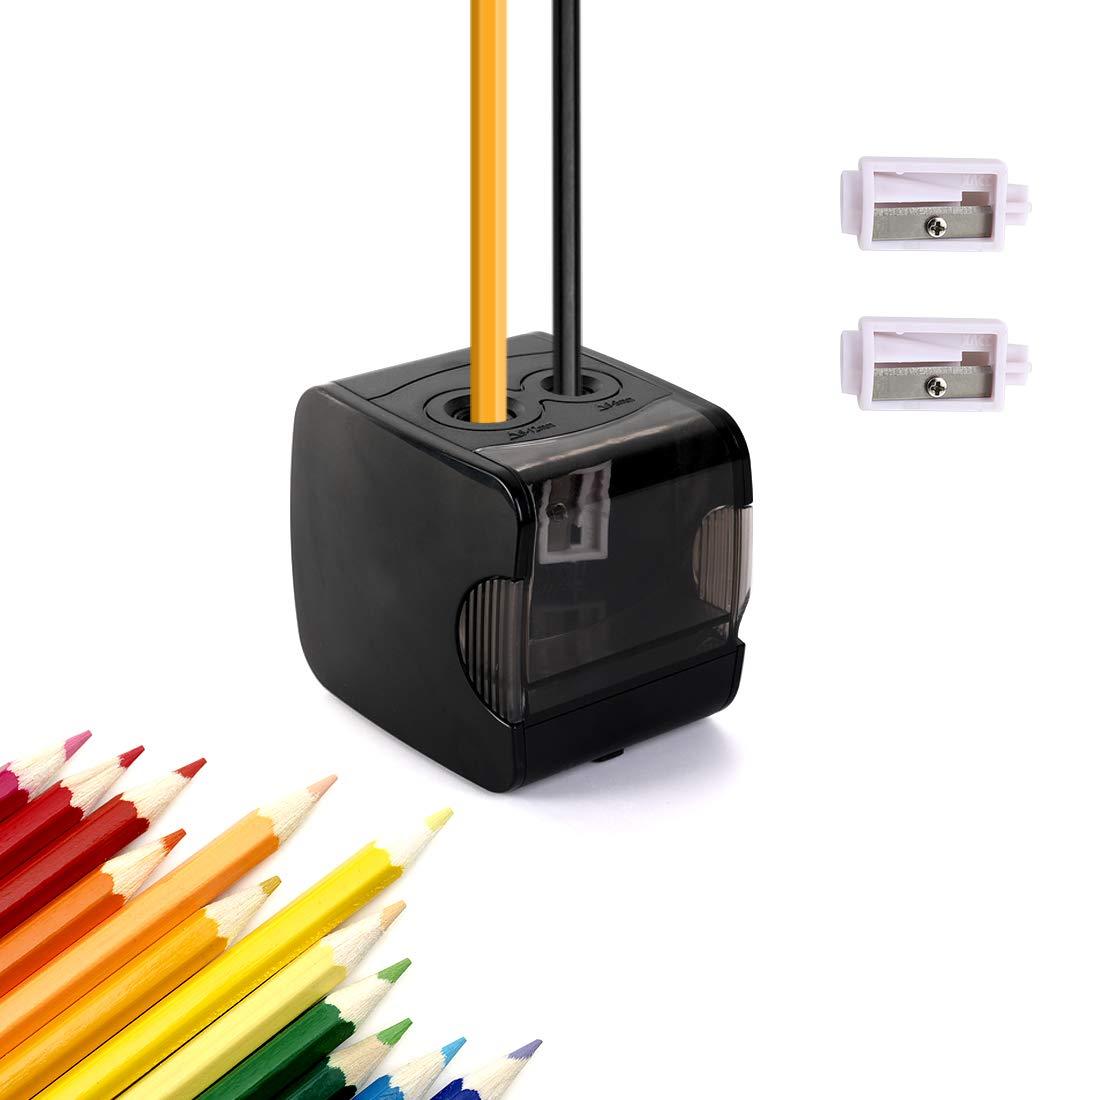 CyanCloud Elektrischer Bleistiftspitzer mit Doppelloch, batterie- oder USB-betrieben, Spitzen Nr. 2 und Buntstifte fü r Zuhause, Schule, Bü ro (schwarz)